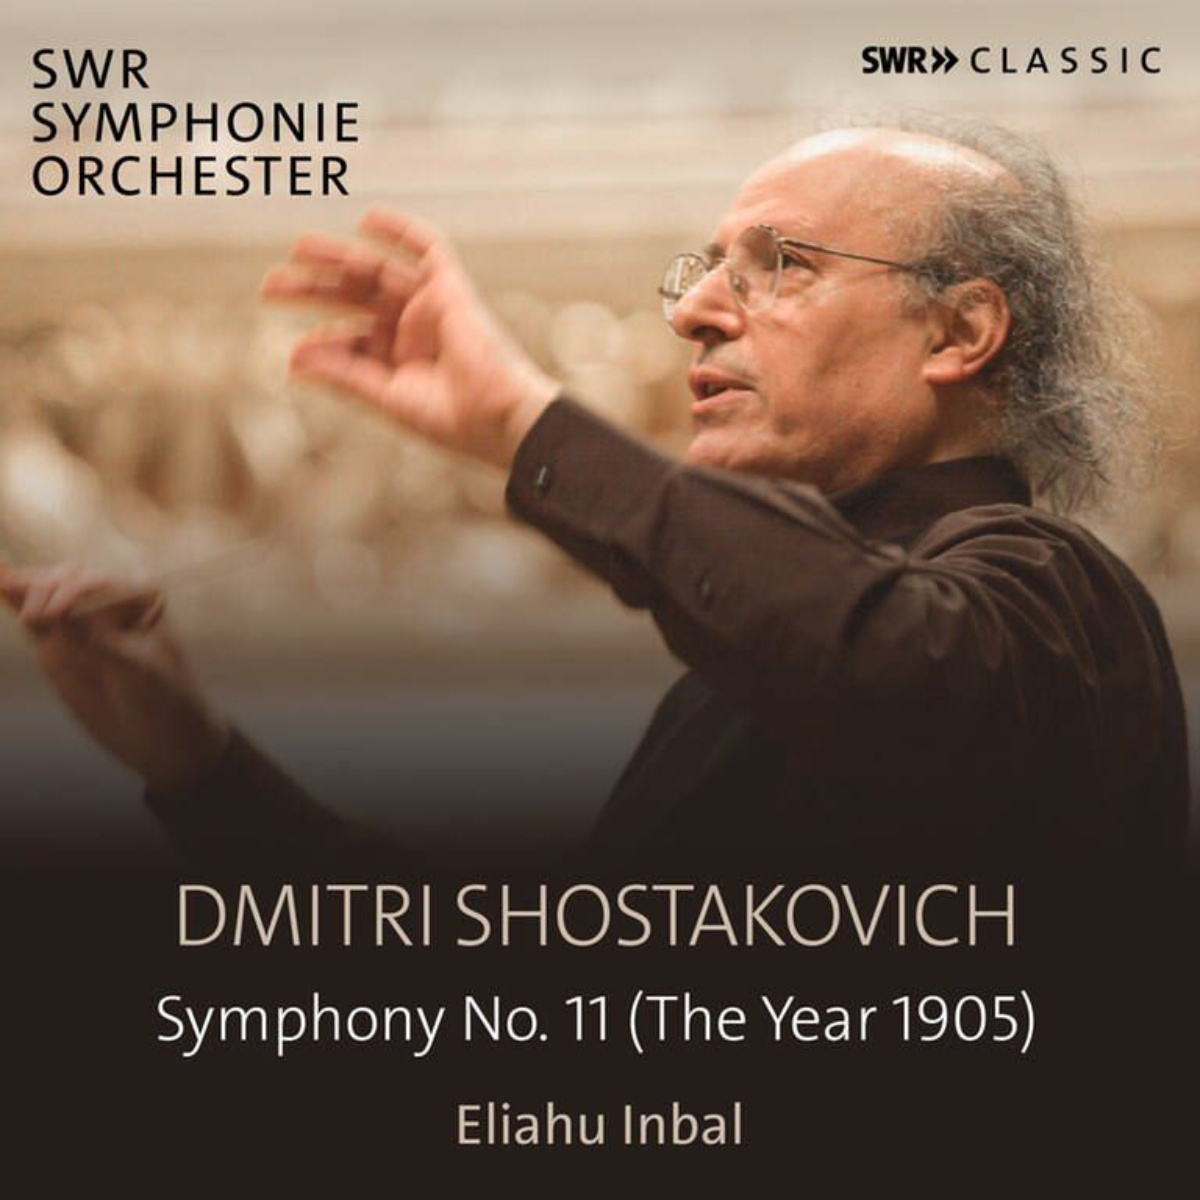 1615538839141cover cd shostakovich sinfonie 11 100 v 1x1 2d M 733e4a95d343c52e922dfd8e3ff26ae78b29e5be